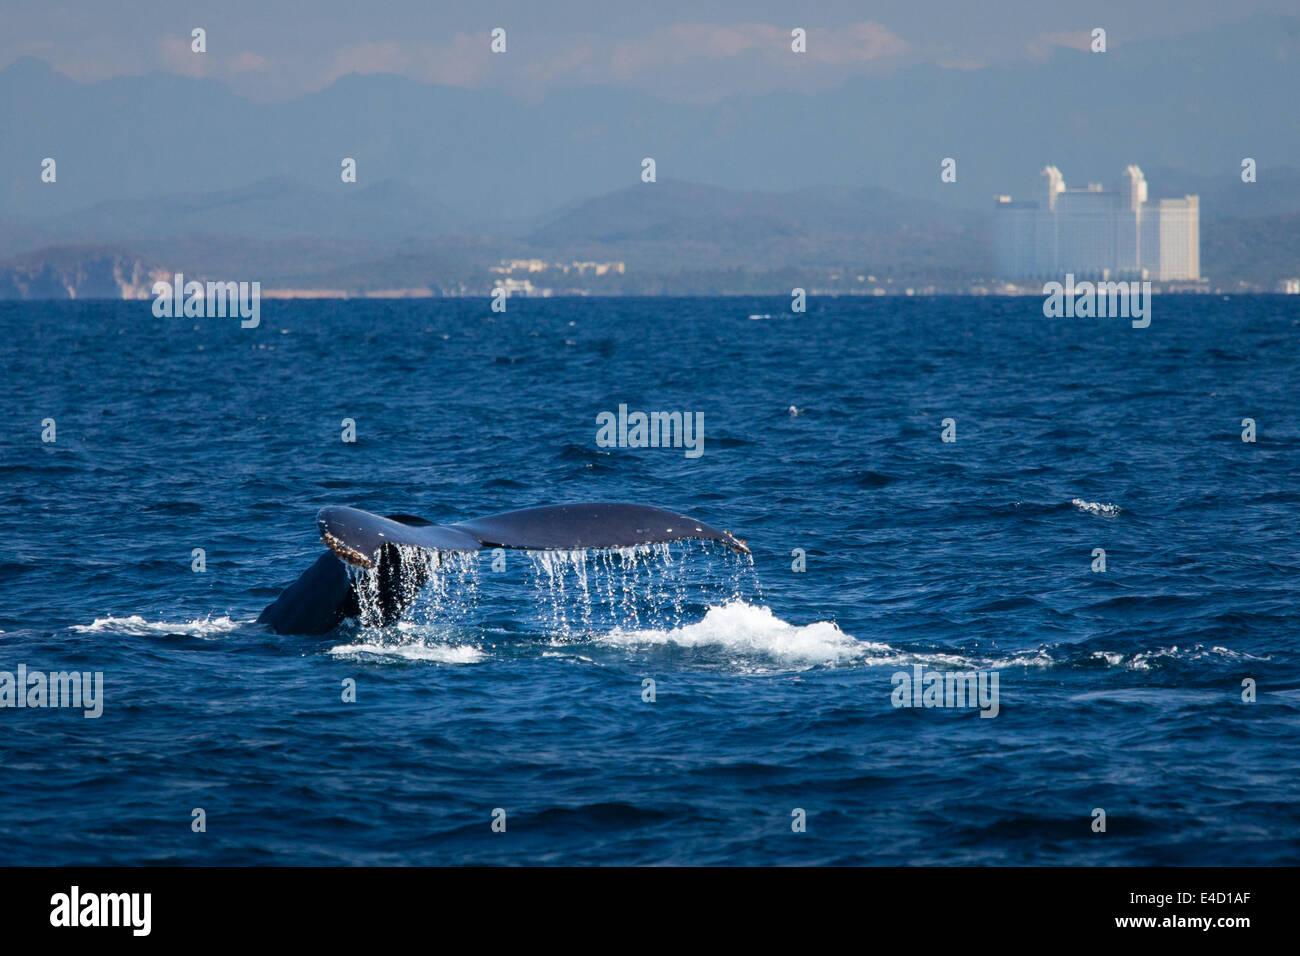 La cola de una ballena jorobada desaparece en el mar cerca de Mazatlán, Sinaloa, México. Imagen De Stock